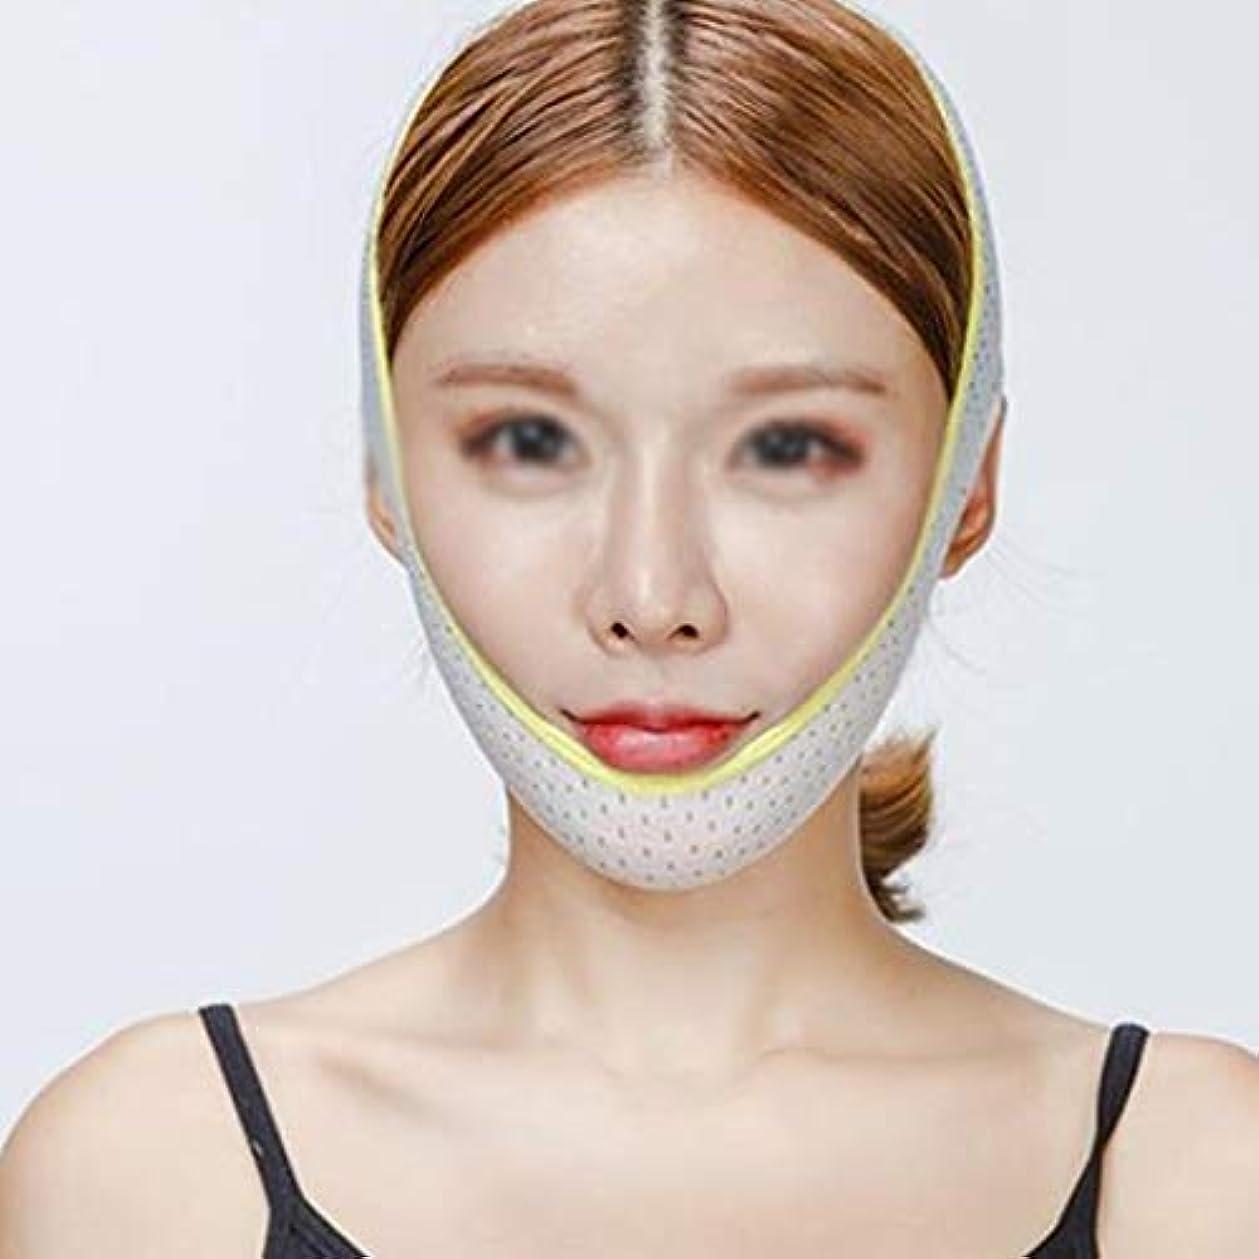 深める癌クラッチZWBD フェイスマスク, Vフェイスアーティファクトフェイスリフトステッカー本物のフェイスリフト韓国フェイスフェイシャルリフティングファーミングインストゥルメントフェイシャルリフティング睡眠包帯